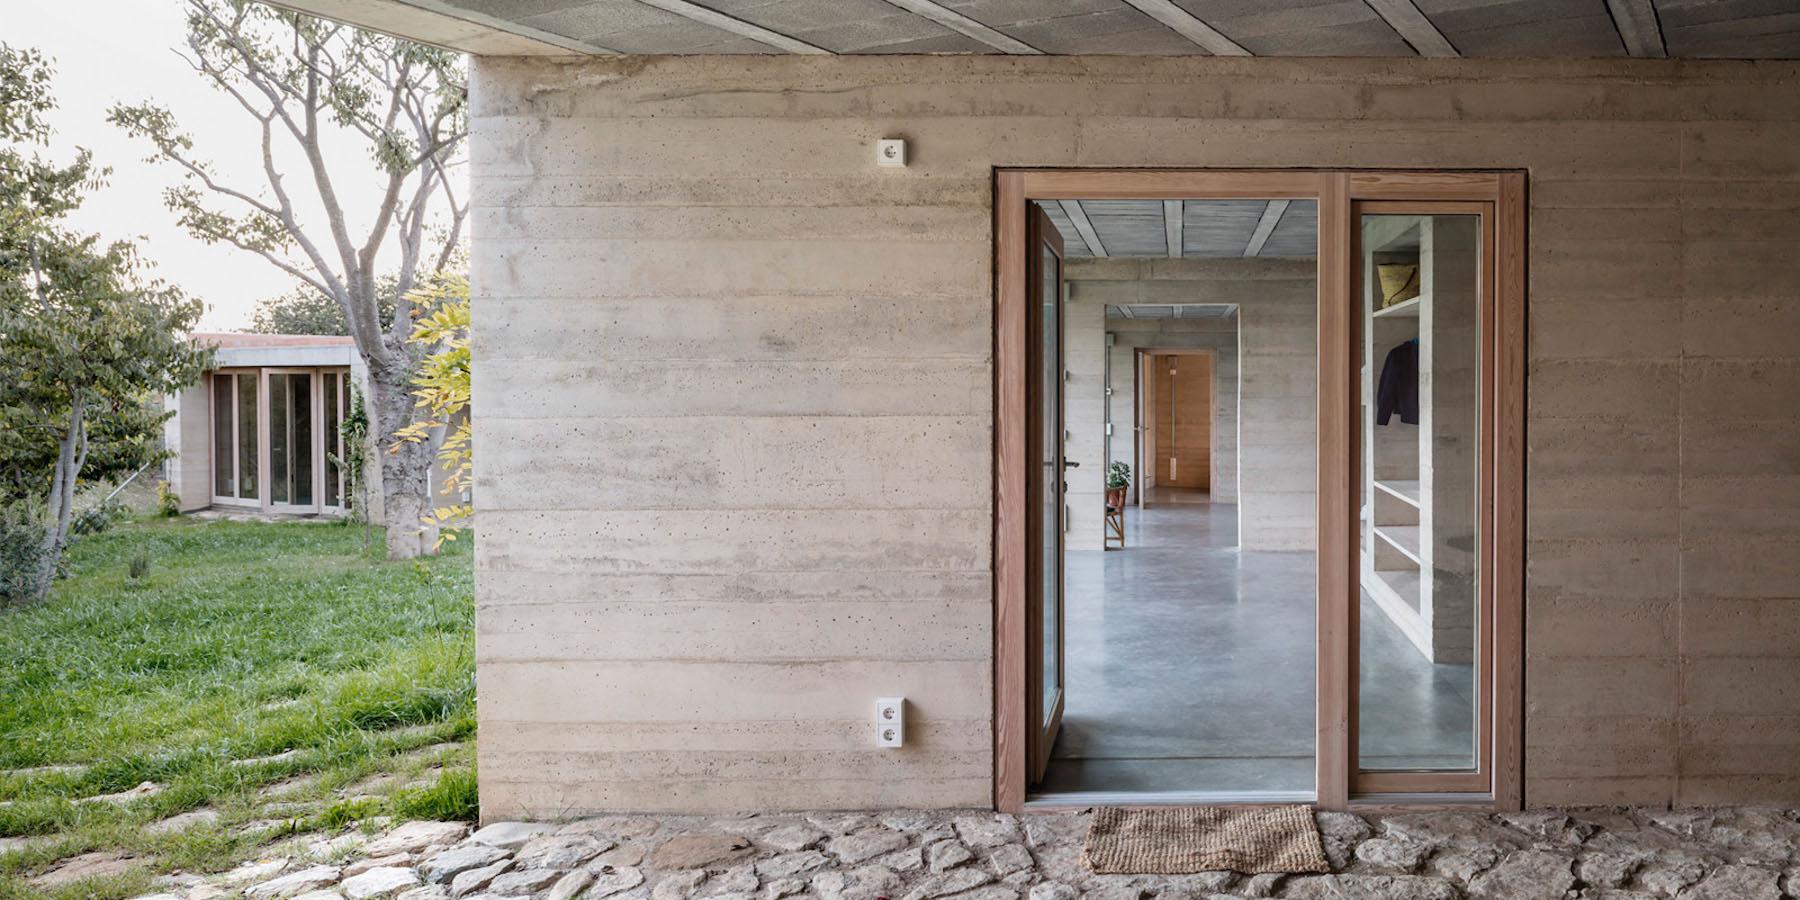 iGNANT-Architecture-Harquitectes-1413-House-04